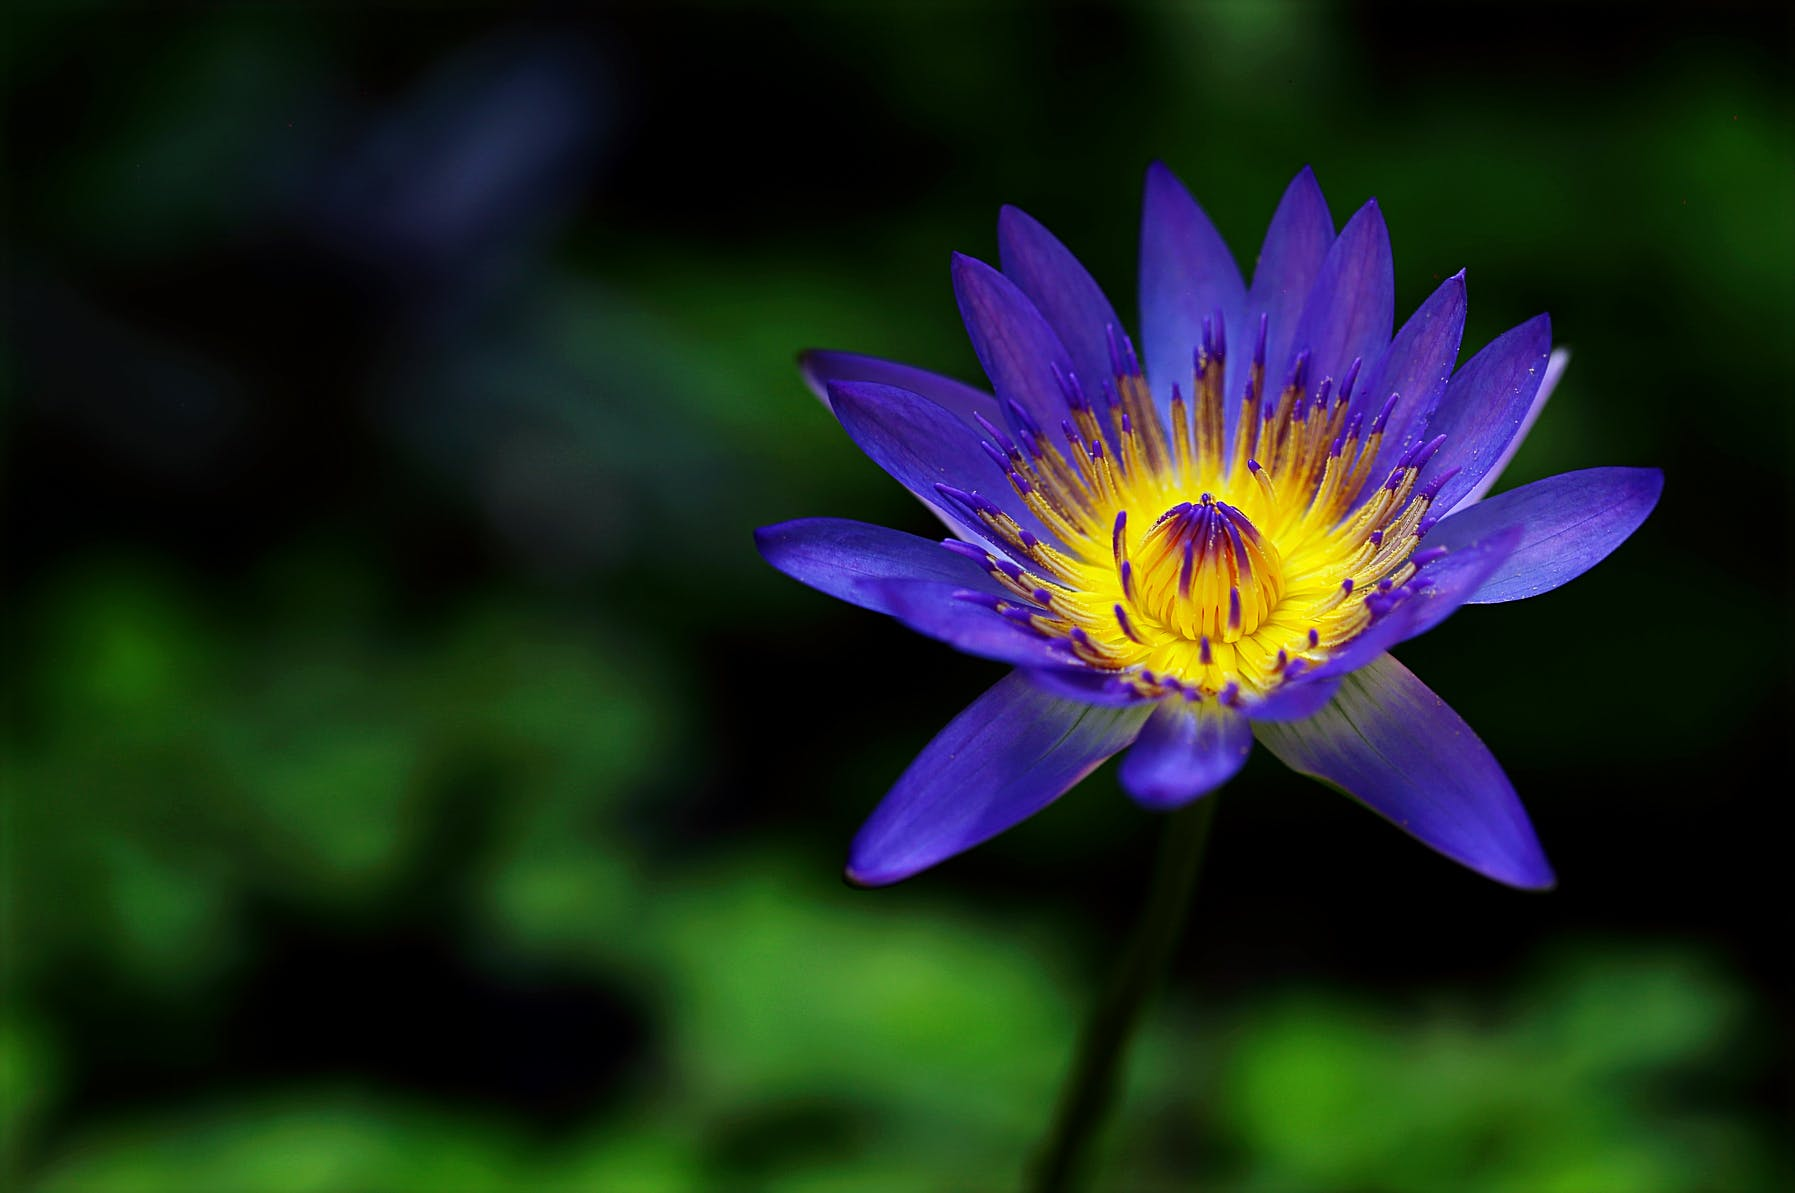 Fotos de stock gratuitas de bonito, brillante, color, crecimiento